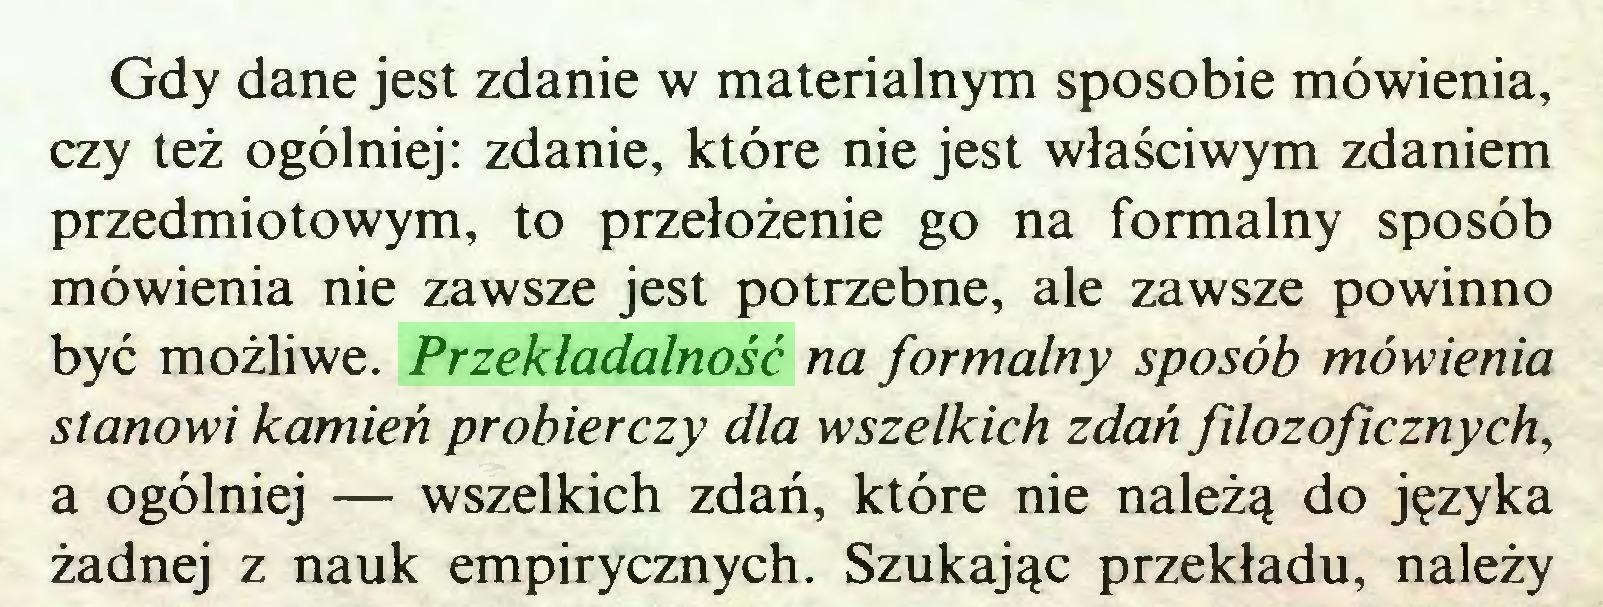 (...) Gdy dane jest zdanie w materialnym sposobie mówienia, czy też ogólniej: zdanie, które nie jest właściwym zdaniem przedmiotowym, to przełożenie go na formalny sposób mówienia nie zawsze jest potrzebne, ale zawsze powinno być możliwe. Przekladalność na formalny sposób mówienia stanowi kamień probierczy dla wszelkich zdań filozoficznych, a ogólniej — wszelkich zdań, które nie należą do języka żadnej z nauk empirycznych. Szukając przekładu, należy...